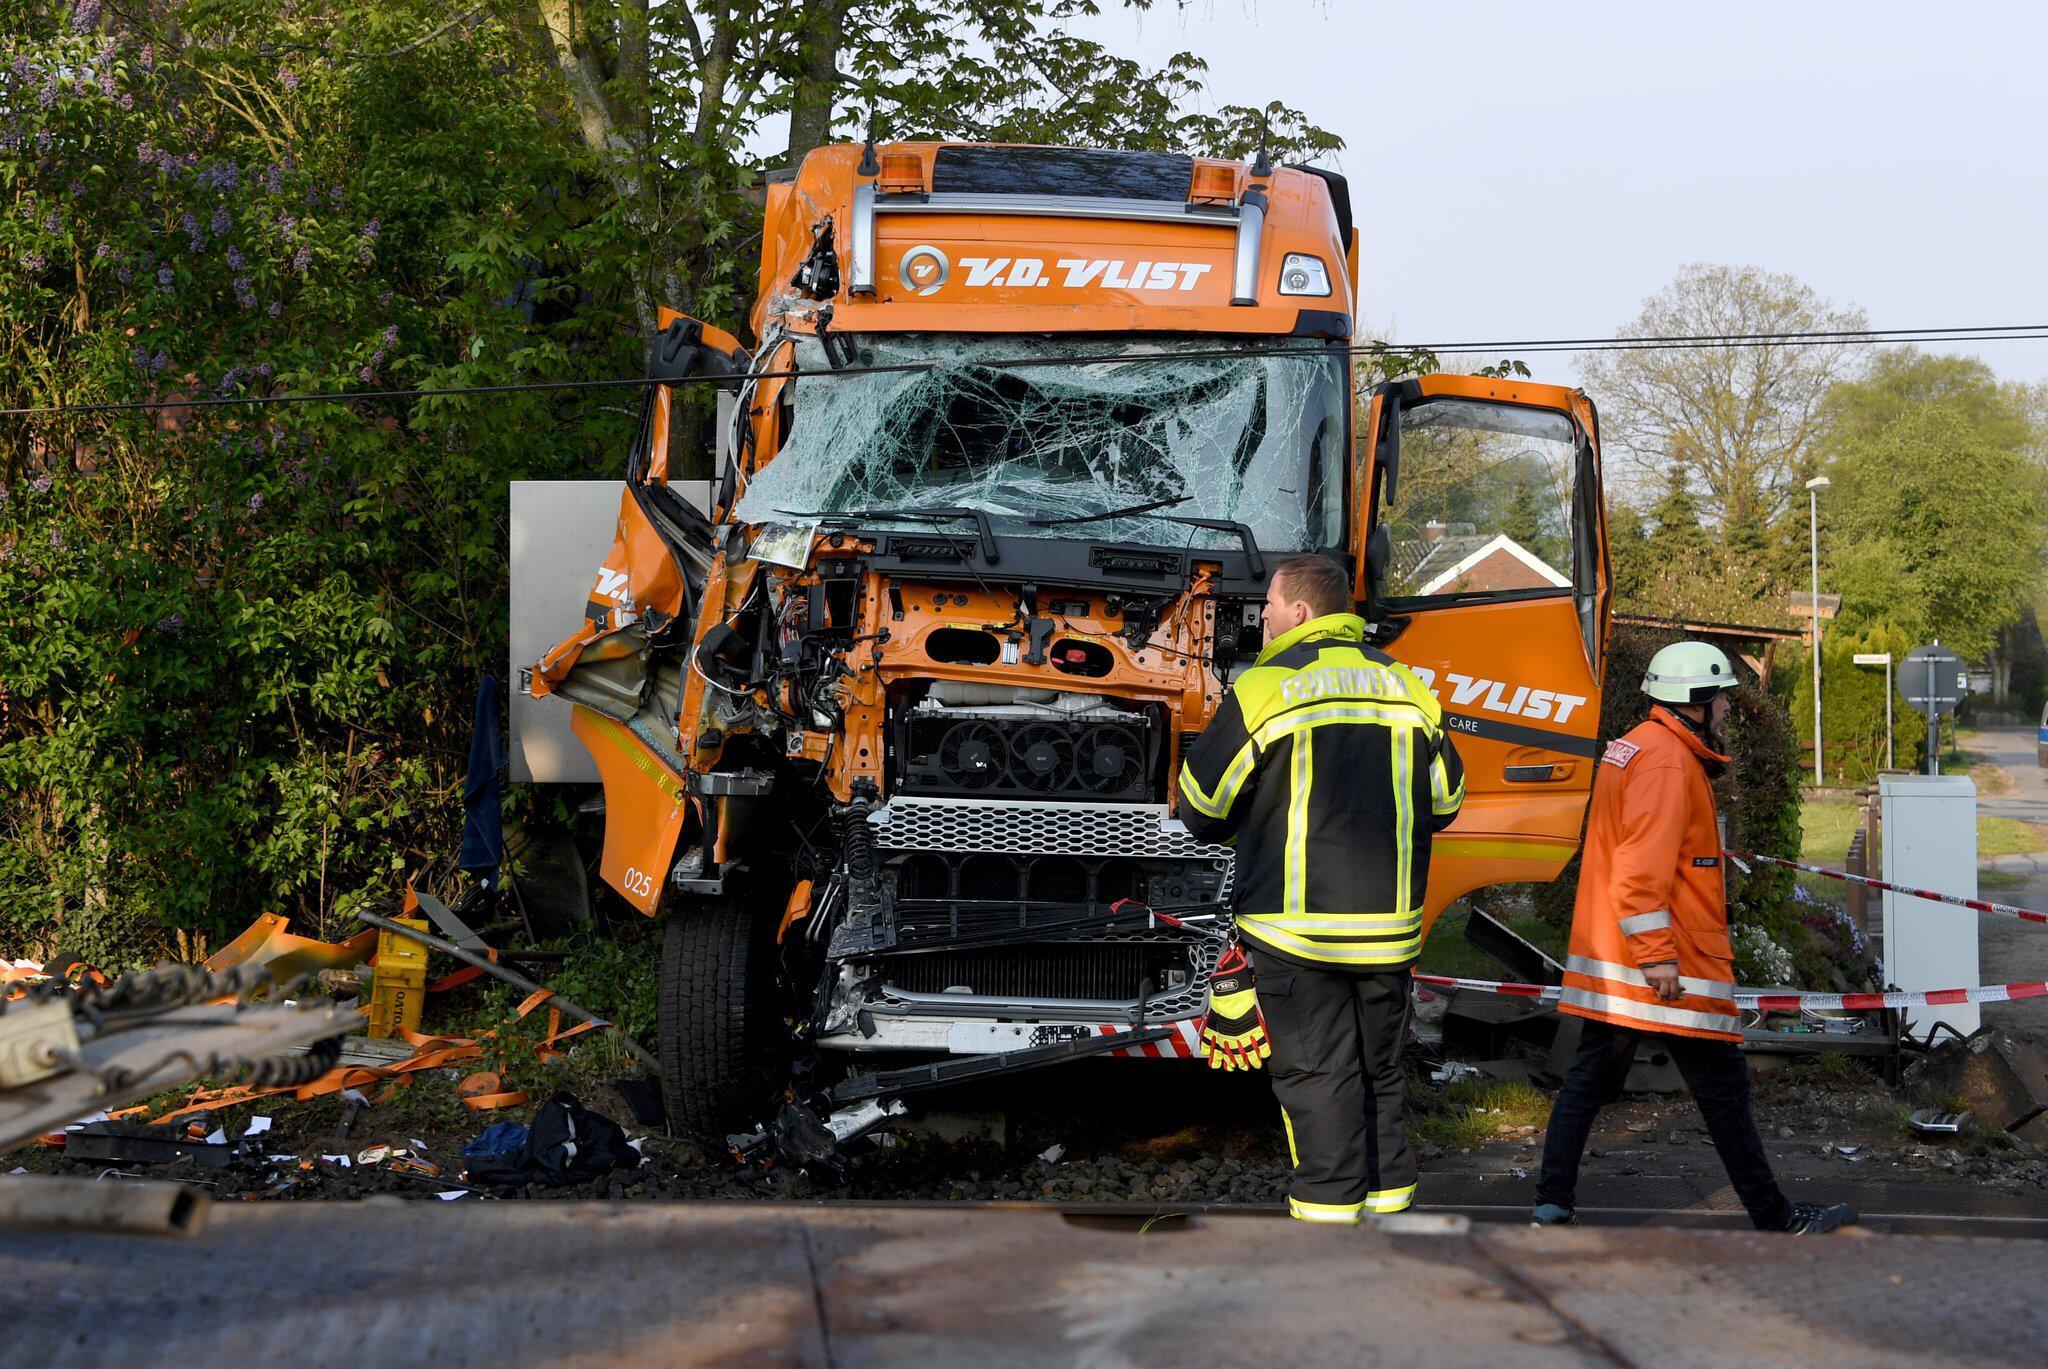 Bild zu Rendsburg, Schleswig-Holstein, Zugunglück, Verletzte; Lkw, Lastwagen